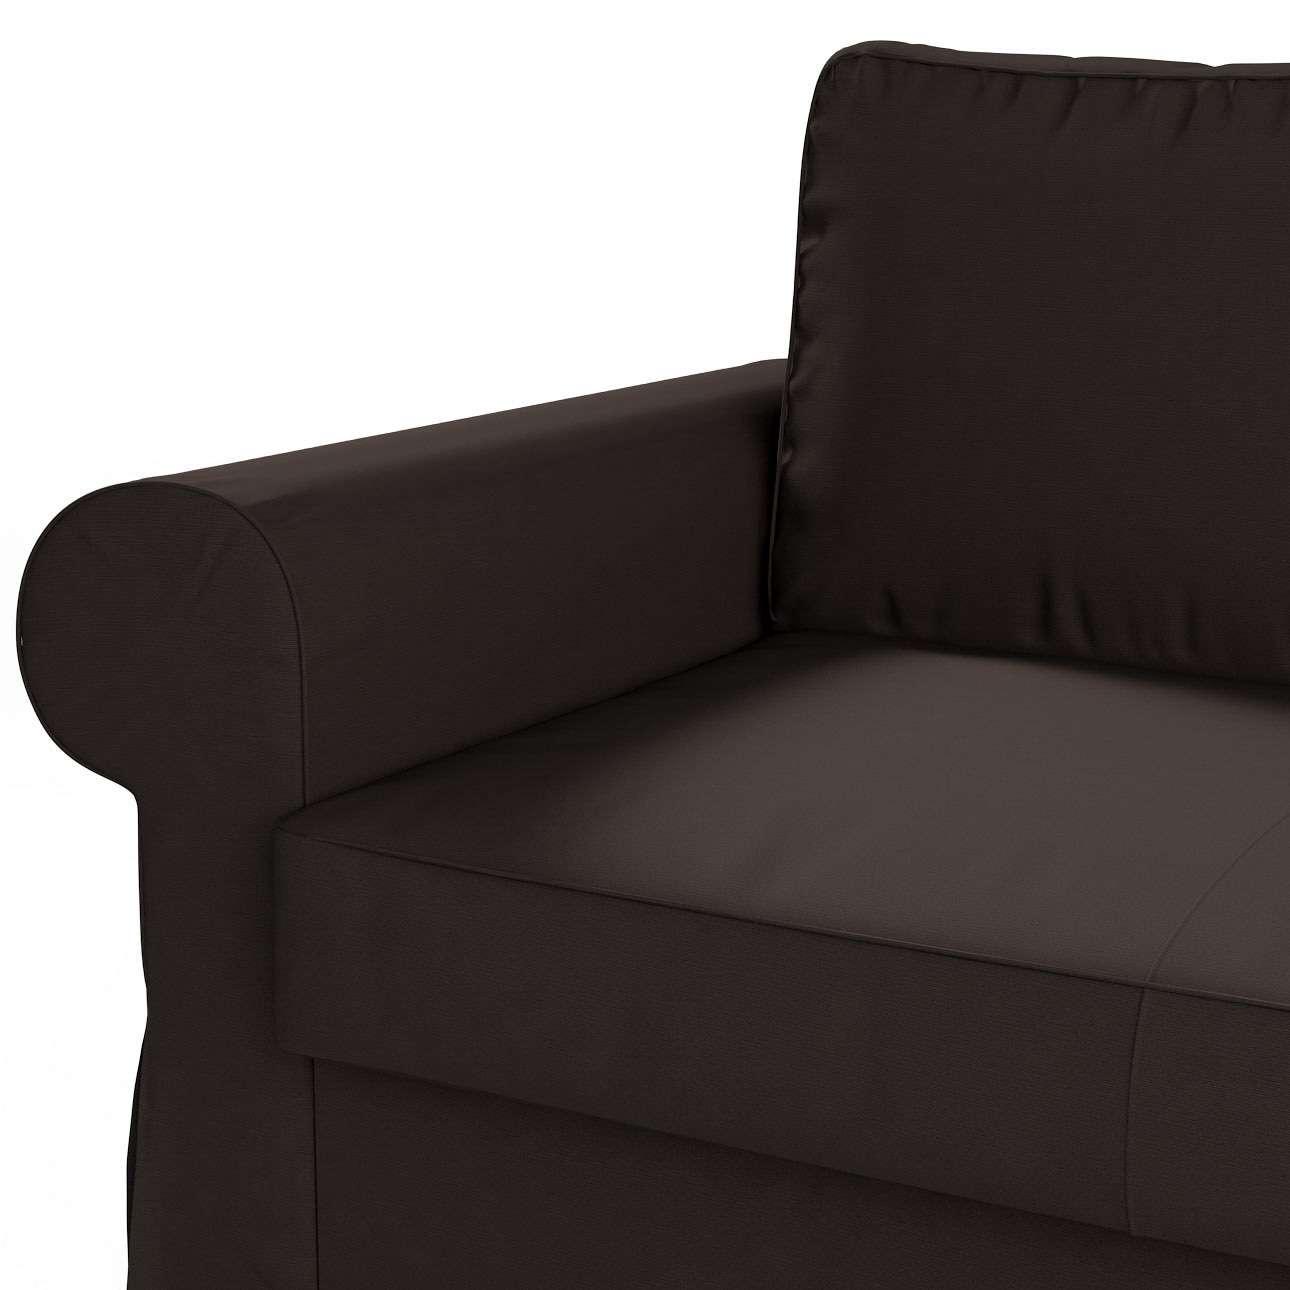 Bezug für Backabro 2-Sitzer Sofa ausklappbar von der Kollektion Cotton Panama, Stoff: 702-03